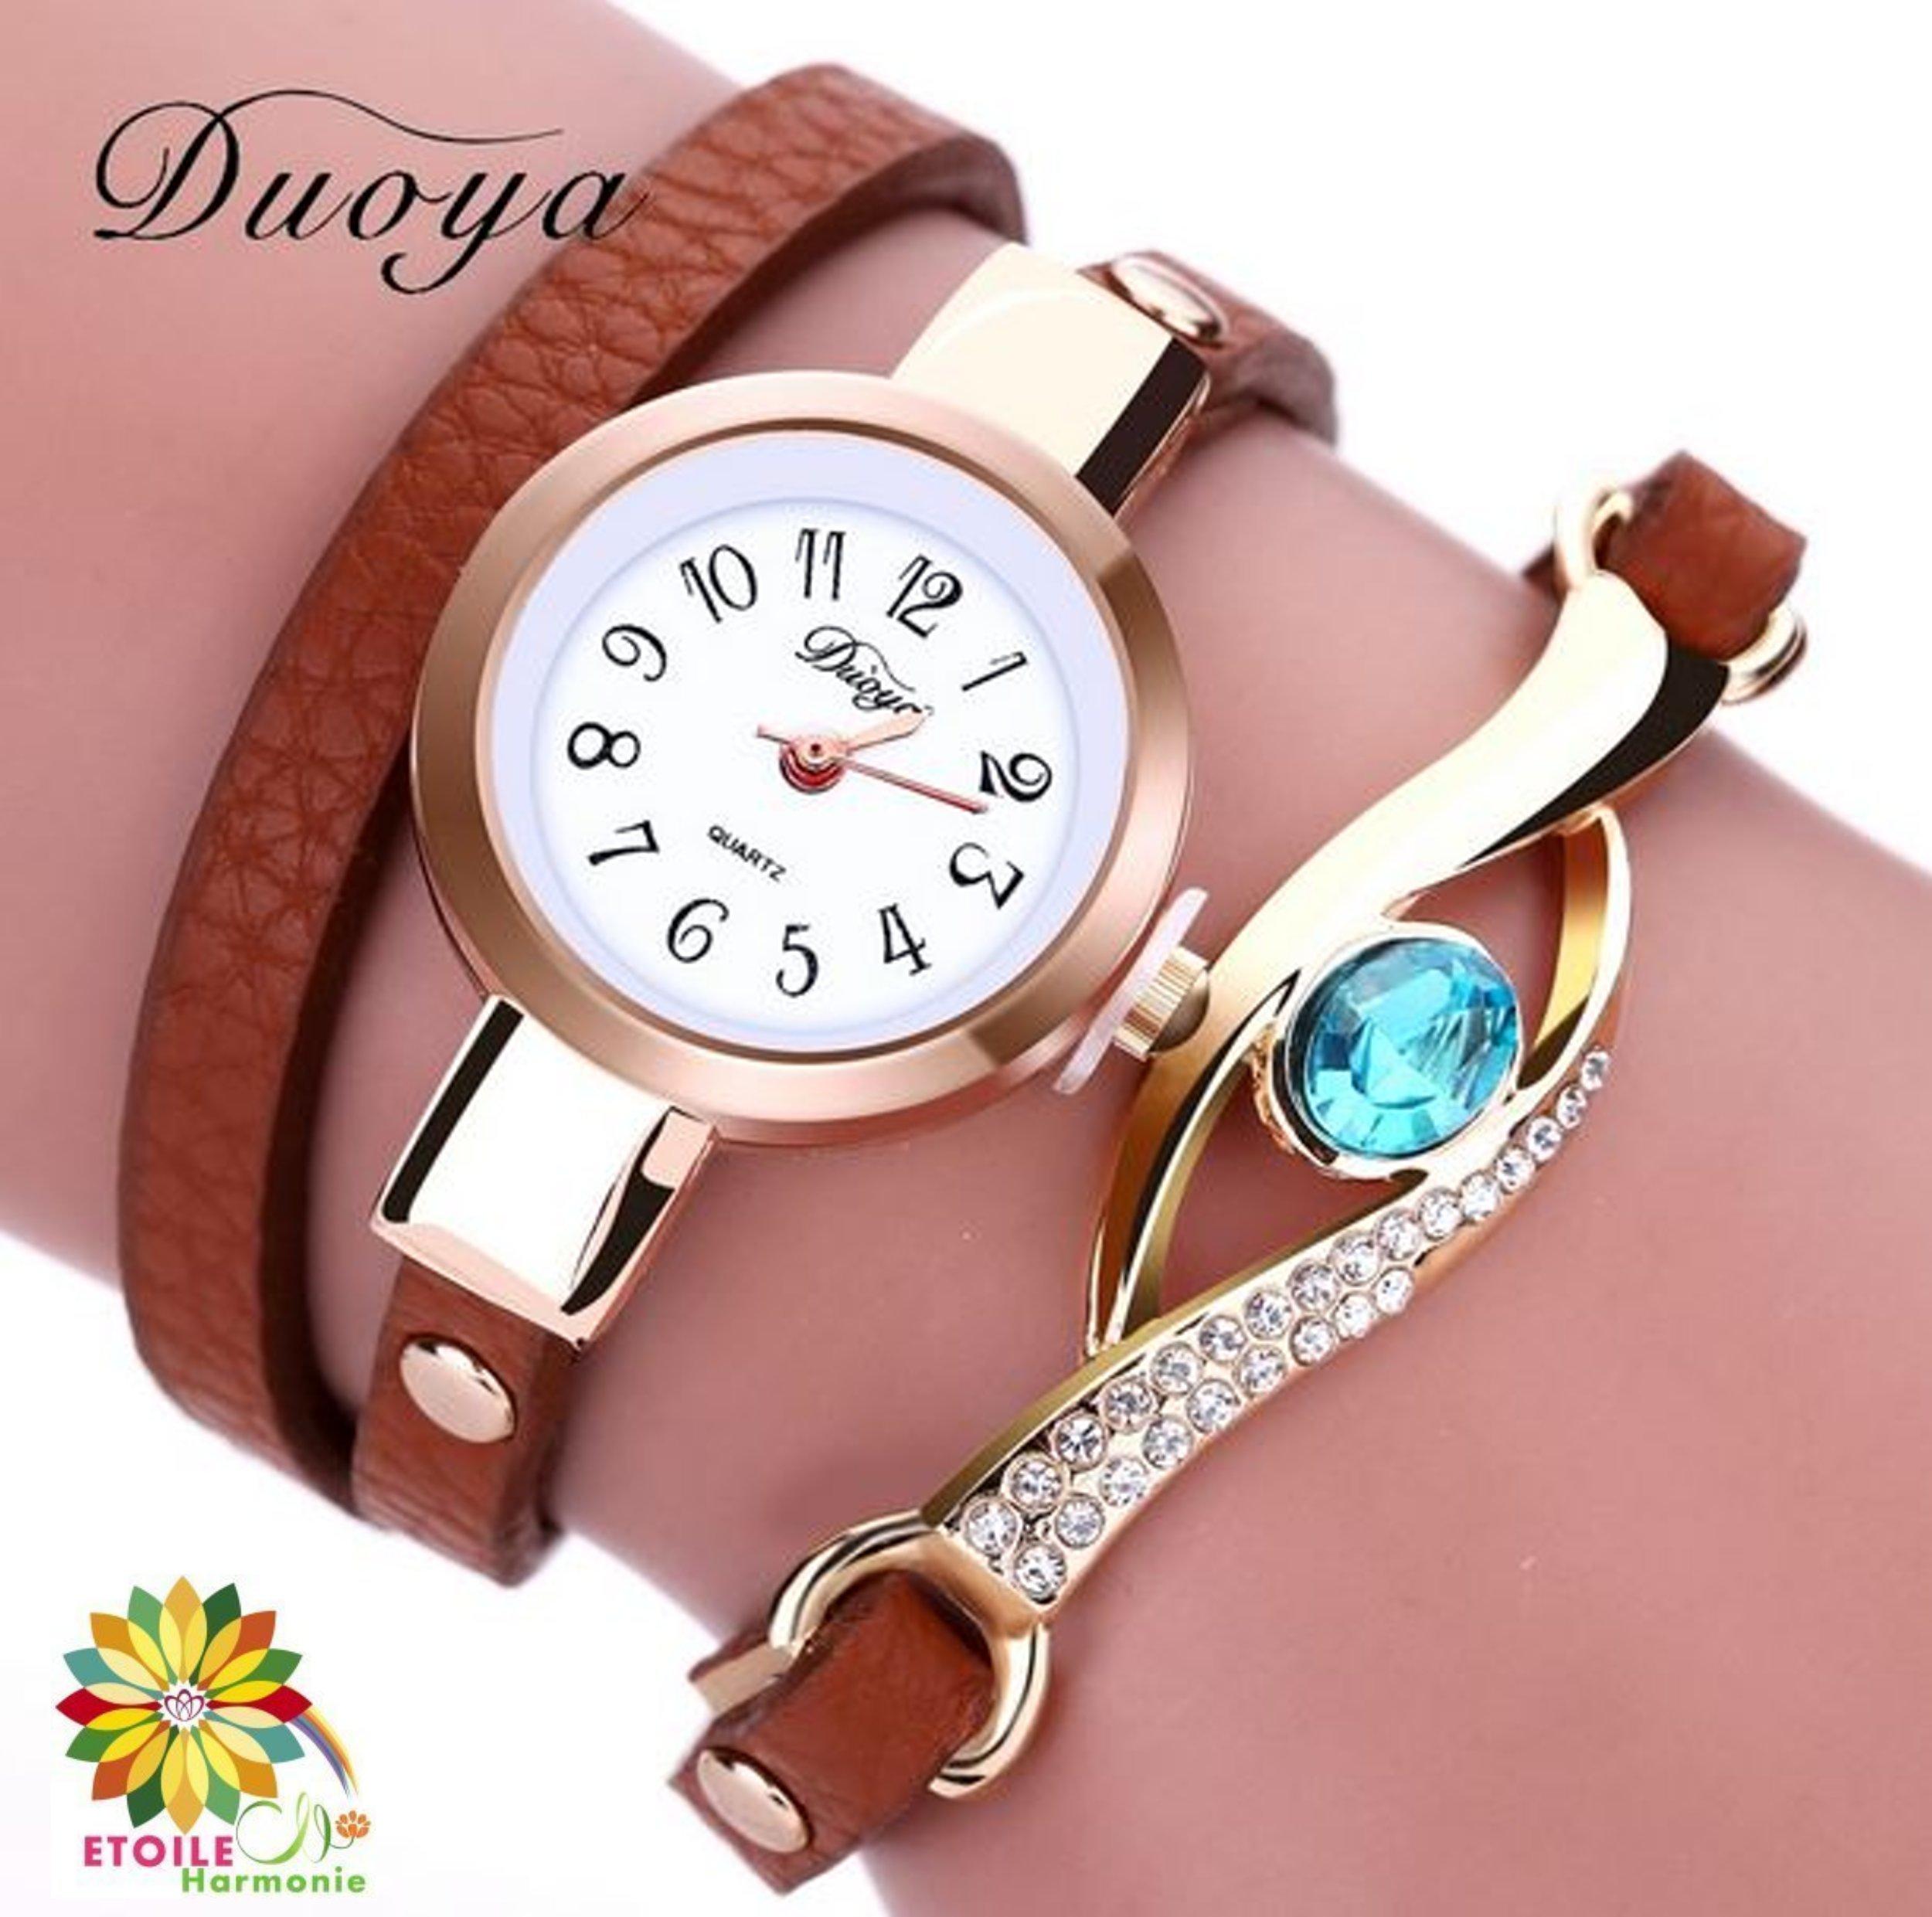 Quartz Avec Harmony Montre Montre Bracelet roWQdCxBe